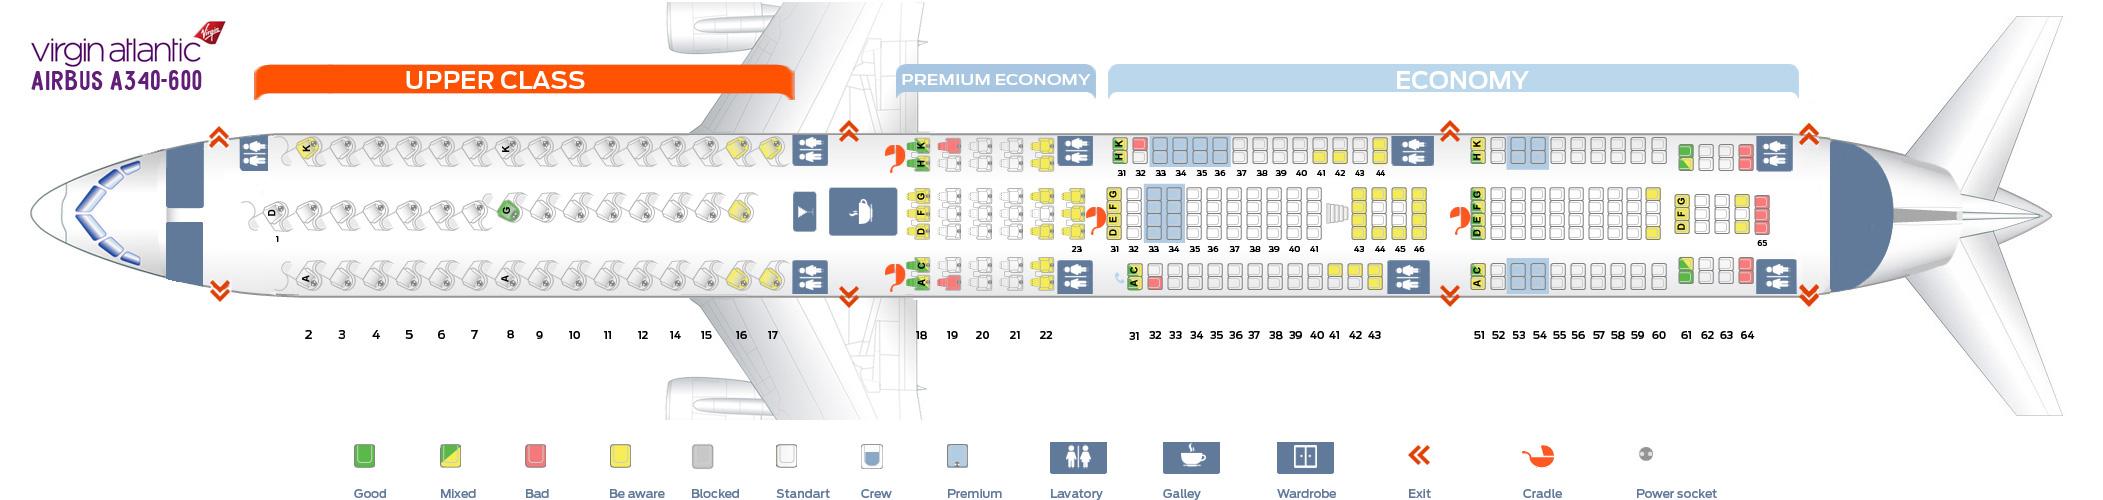 Seat Map Airbus A340-600 Virgin Atlantic